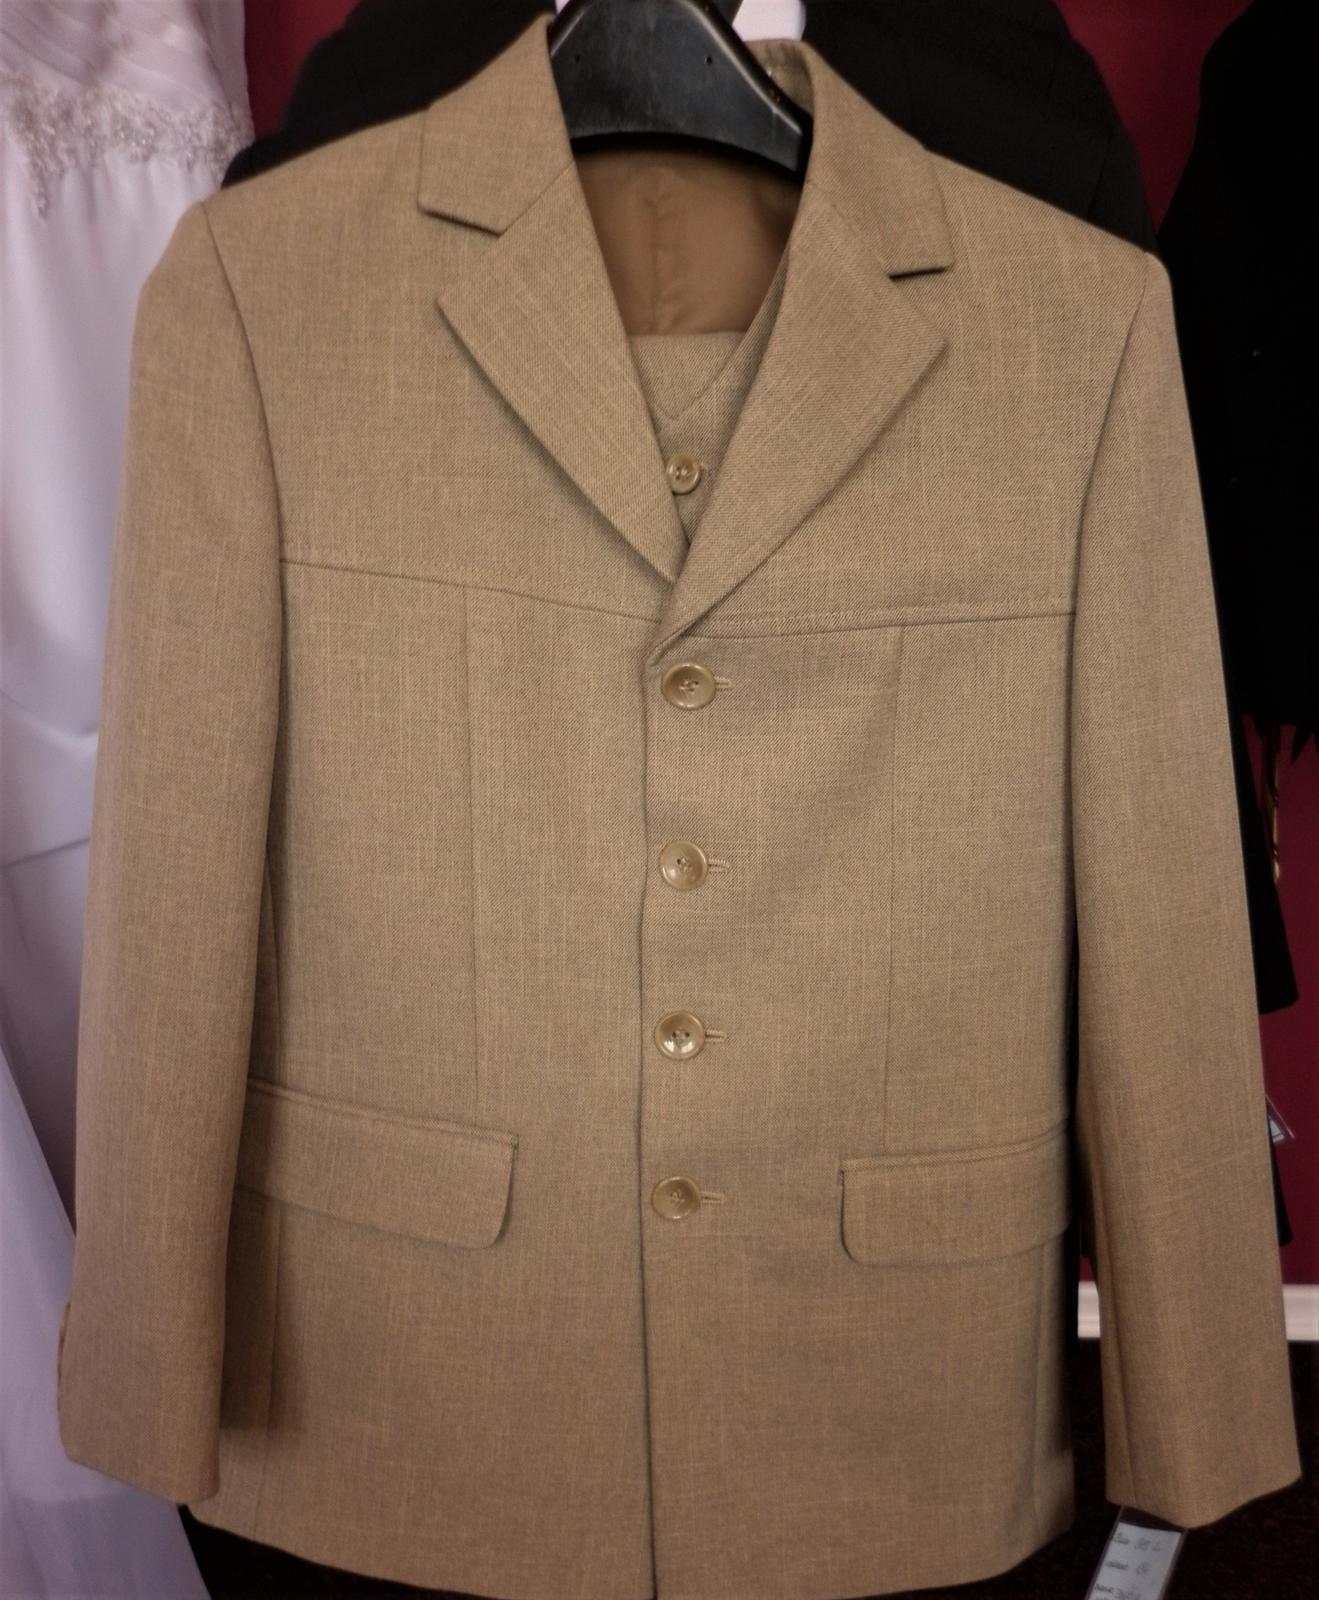 Chlapecké smetanové obleky - Obrázek č. 1